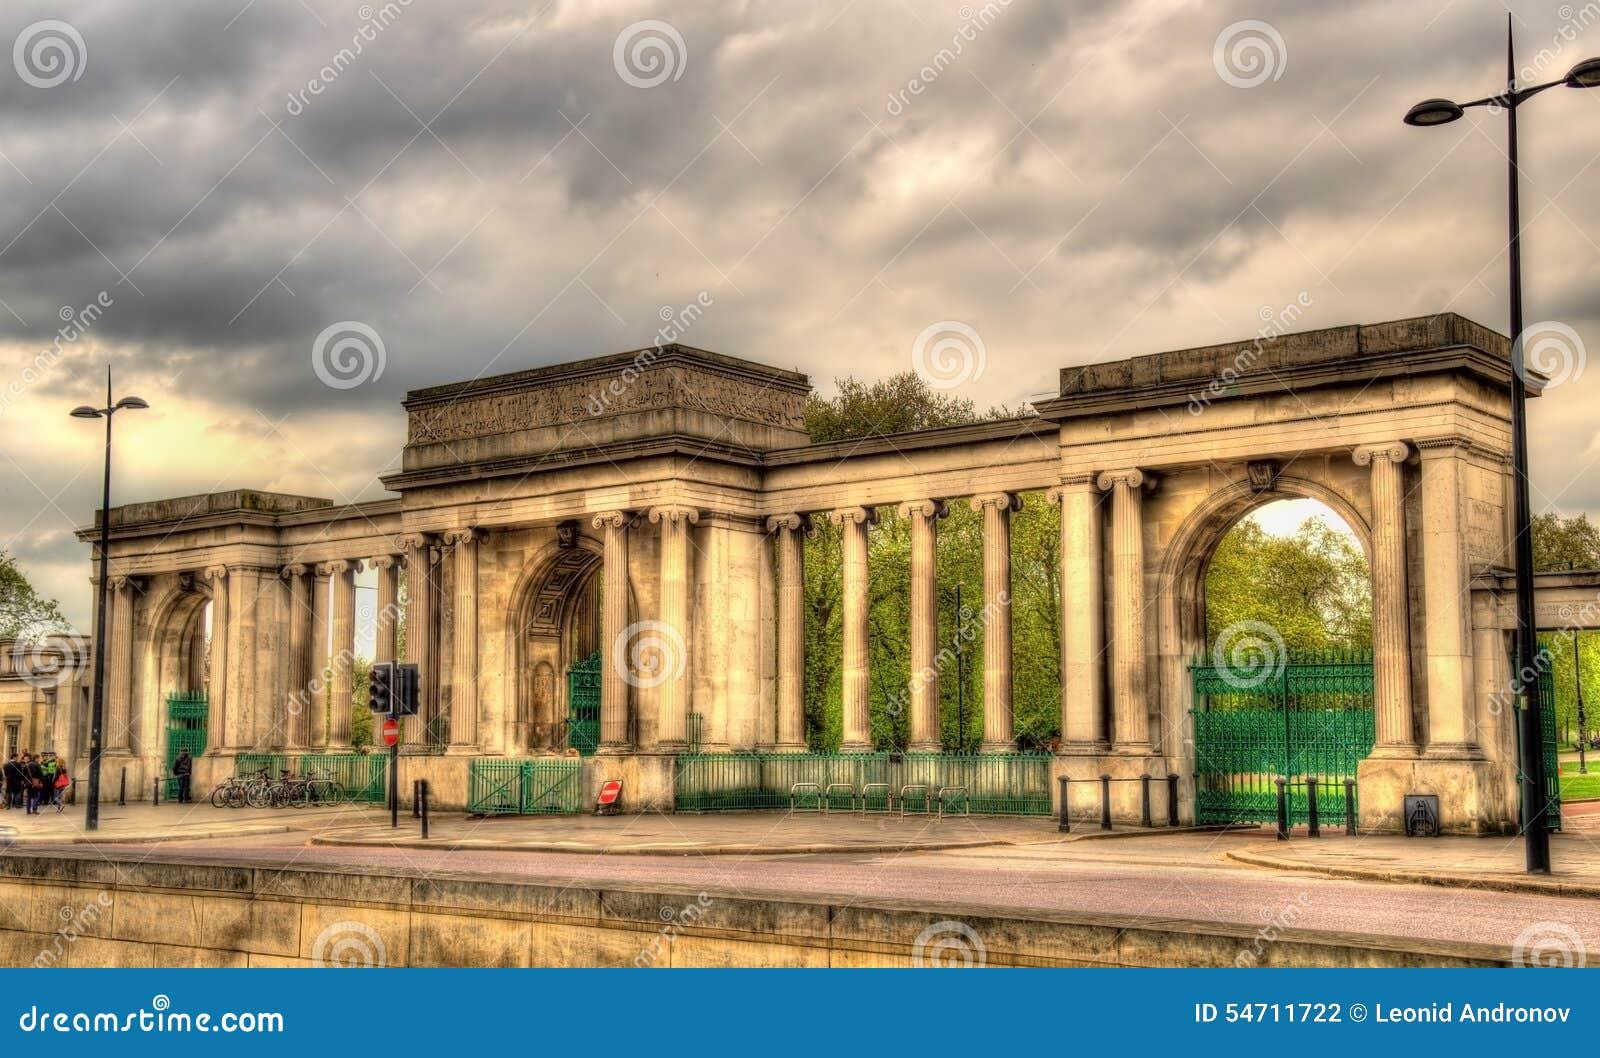 Porte de hyde park londres photo stock image 54711722 for Parking f porte de versailles